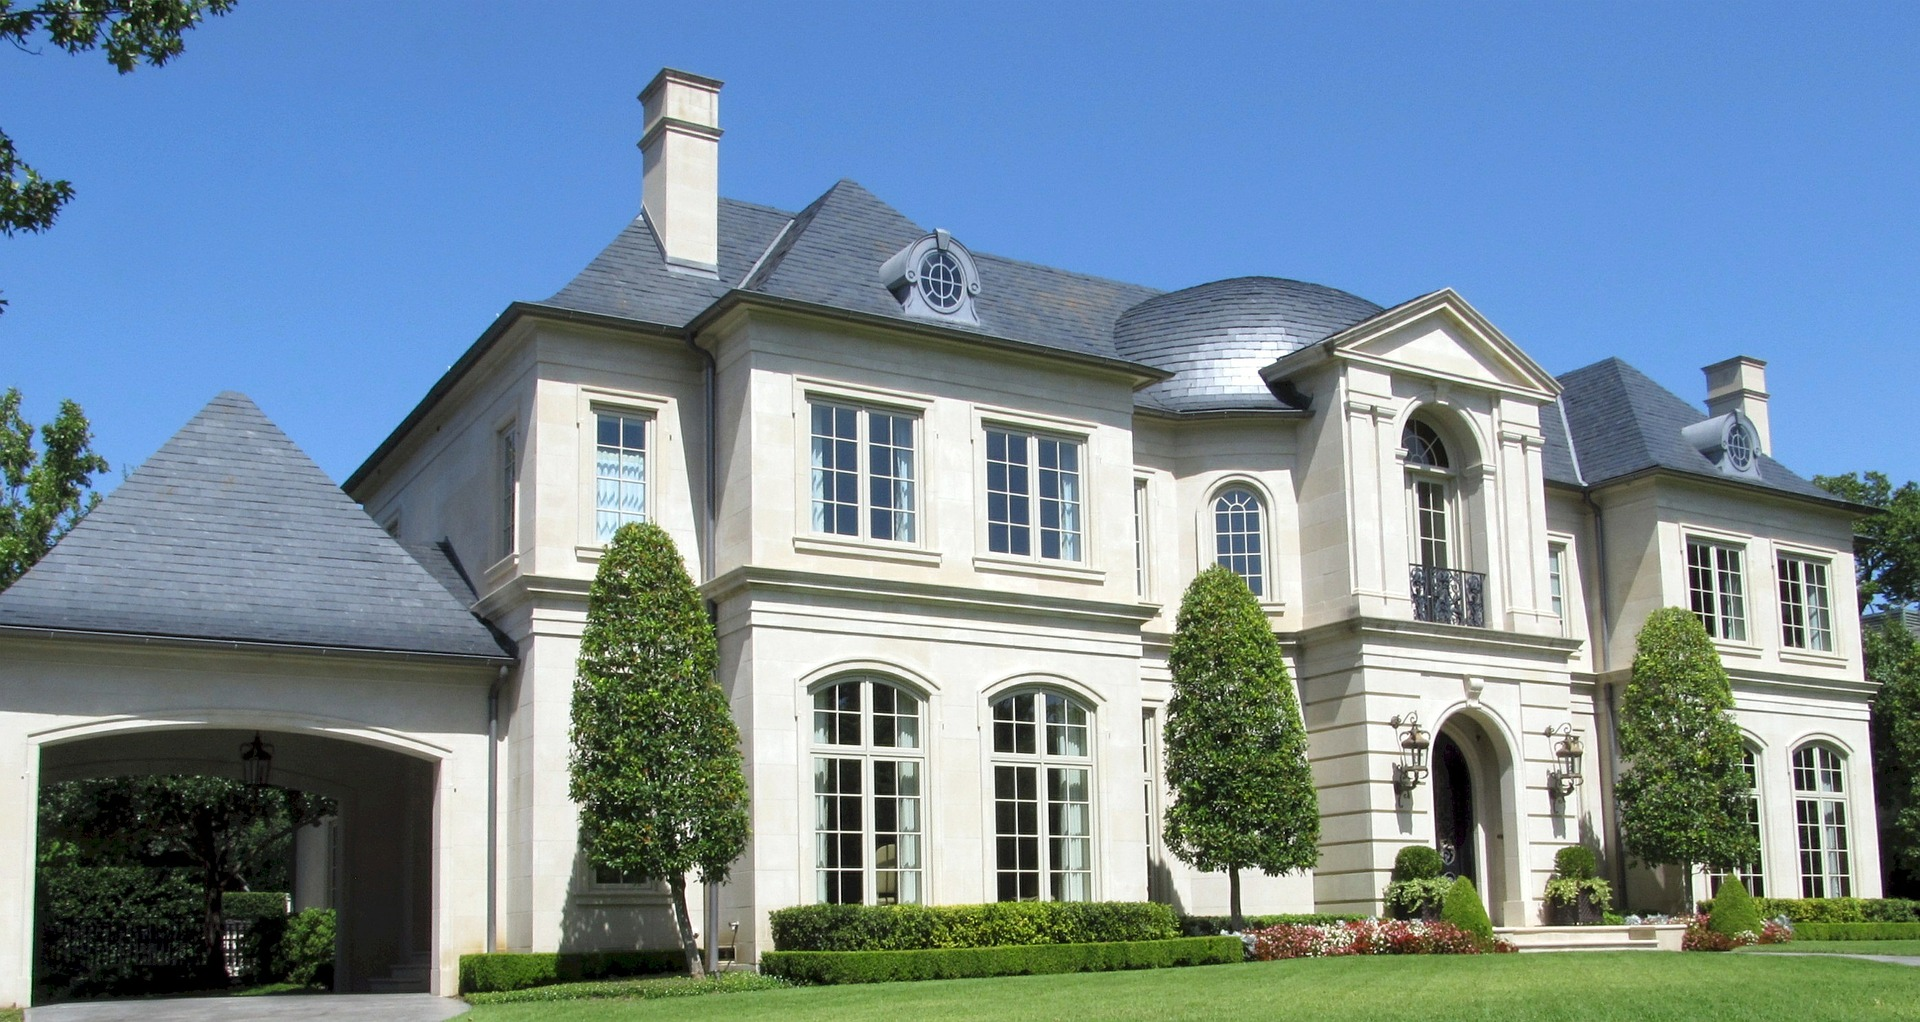 ¿Como son las casas de los famosos?